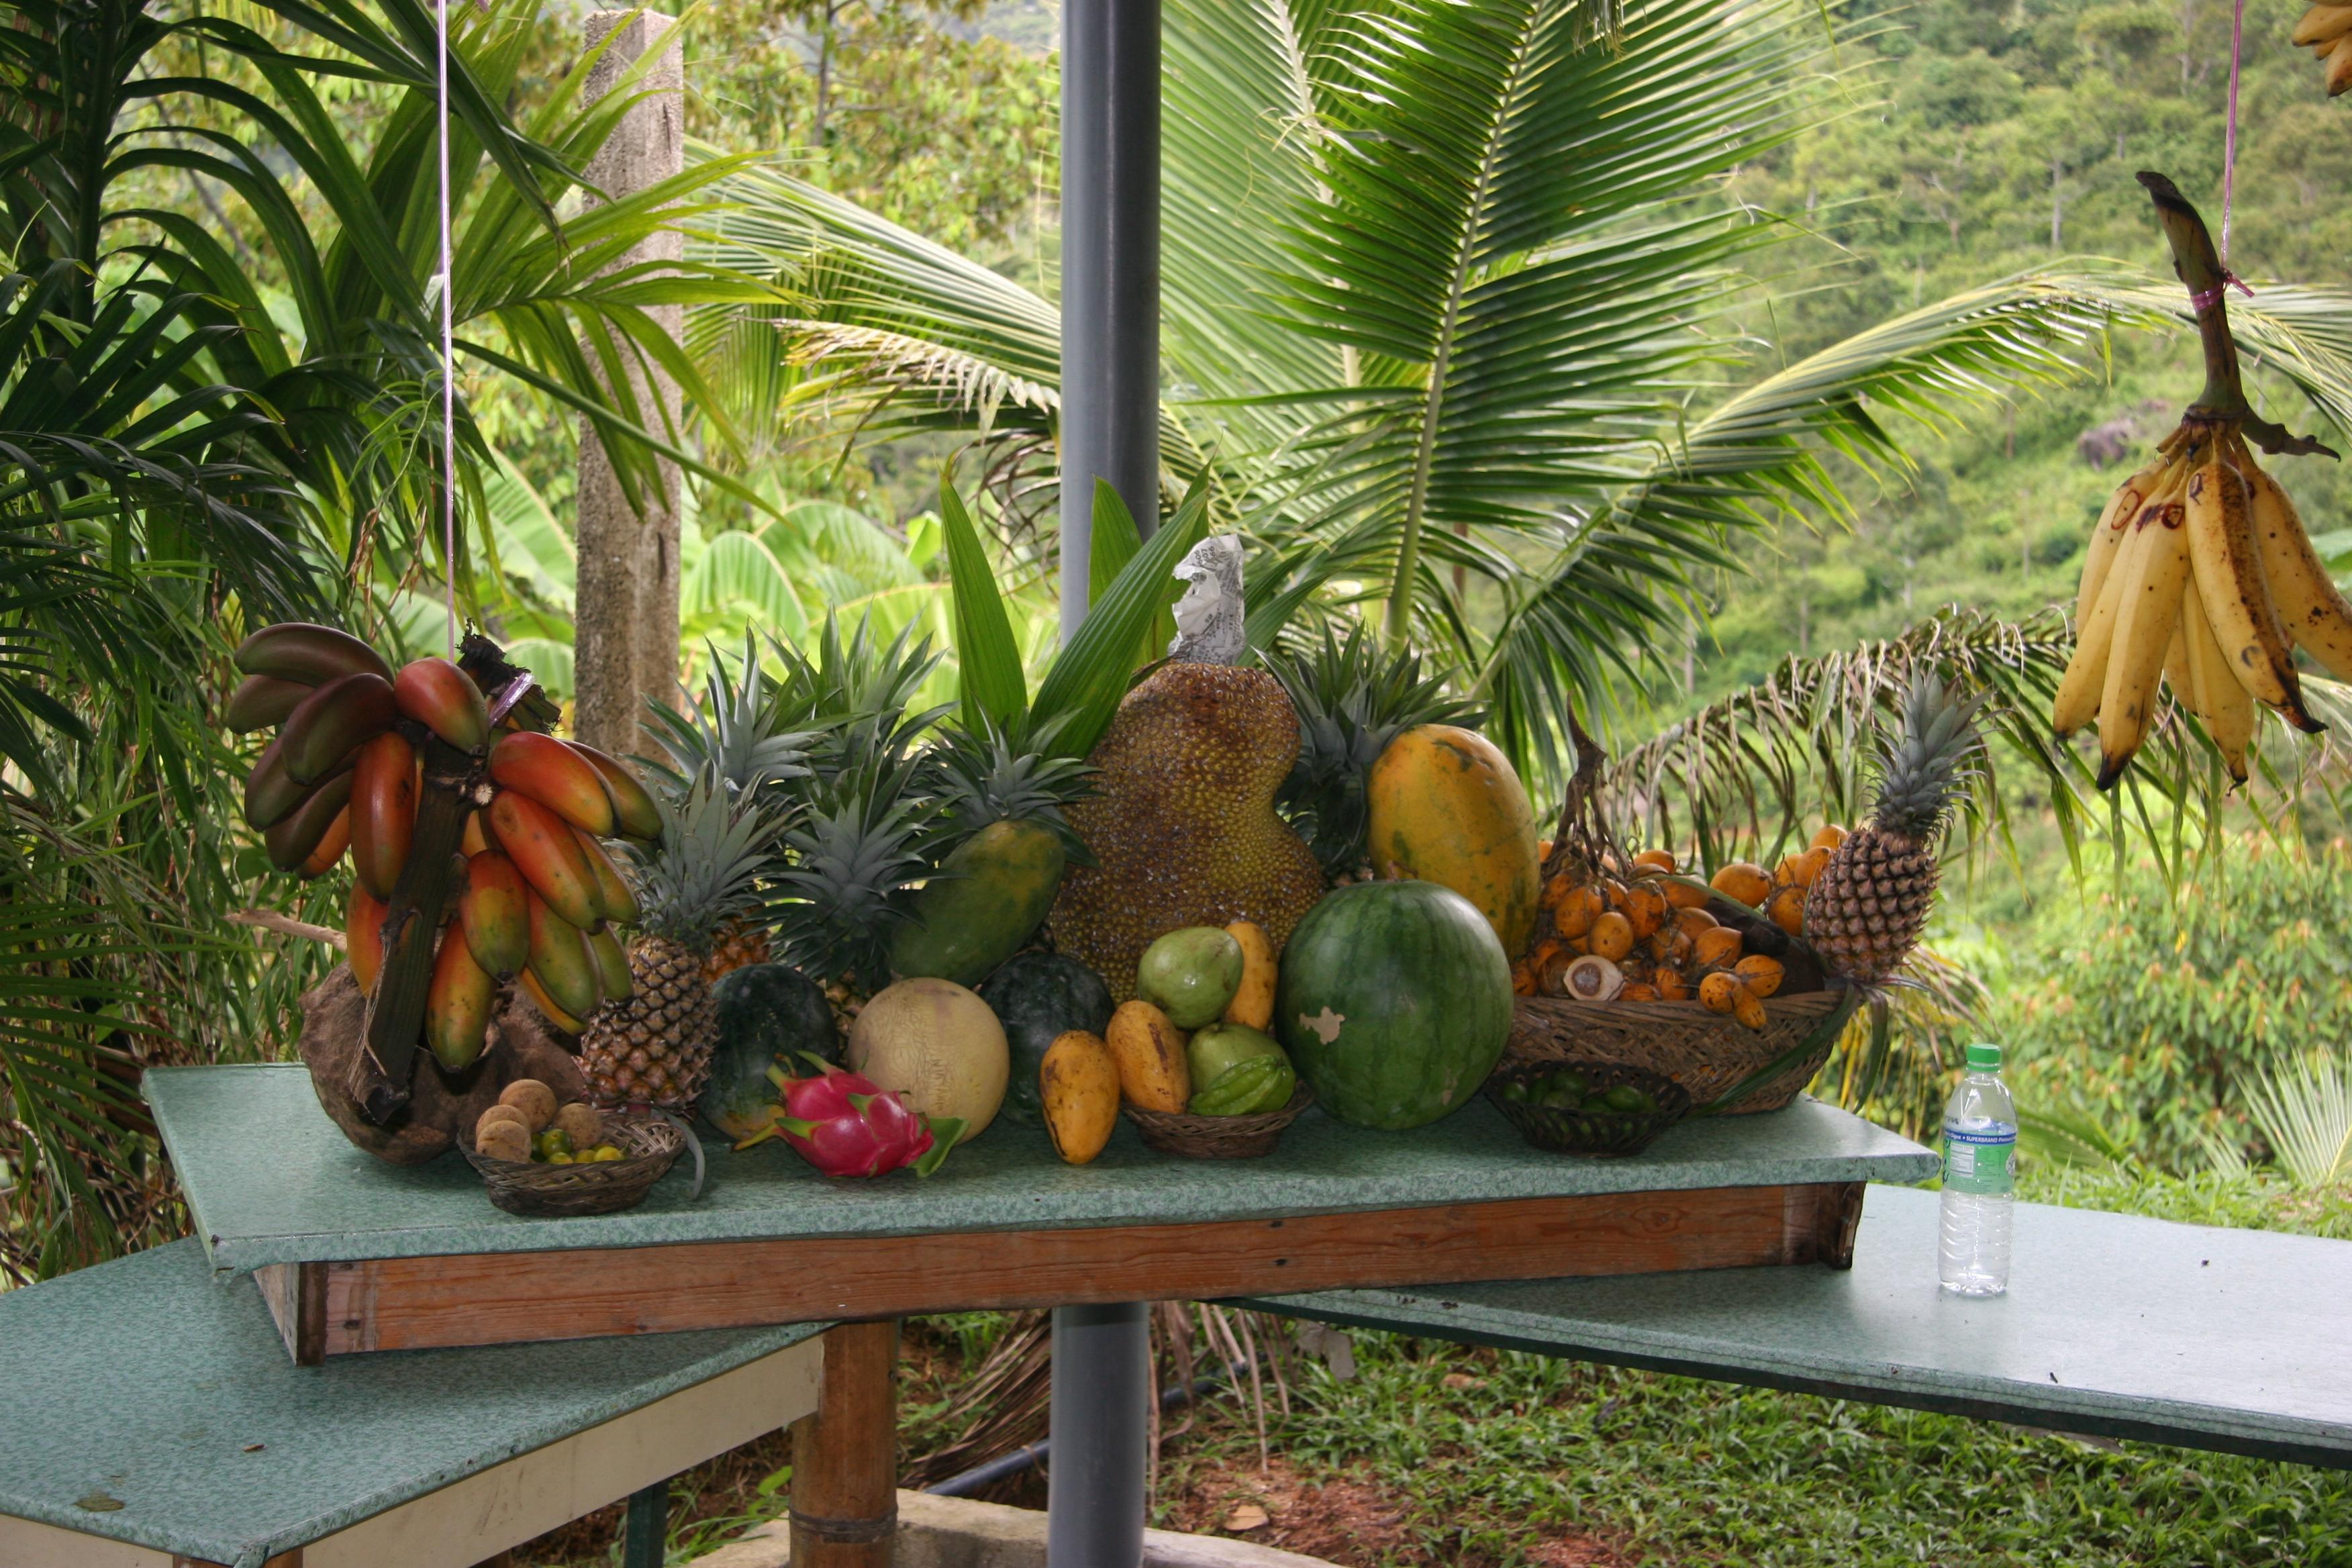 حديقة الفواكه في ماليزيا بينانج